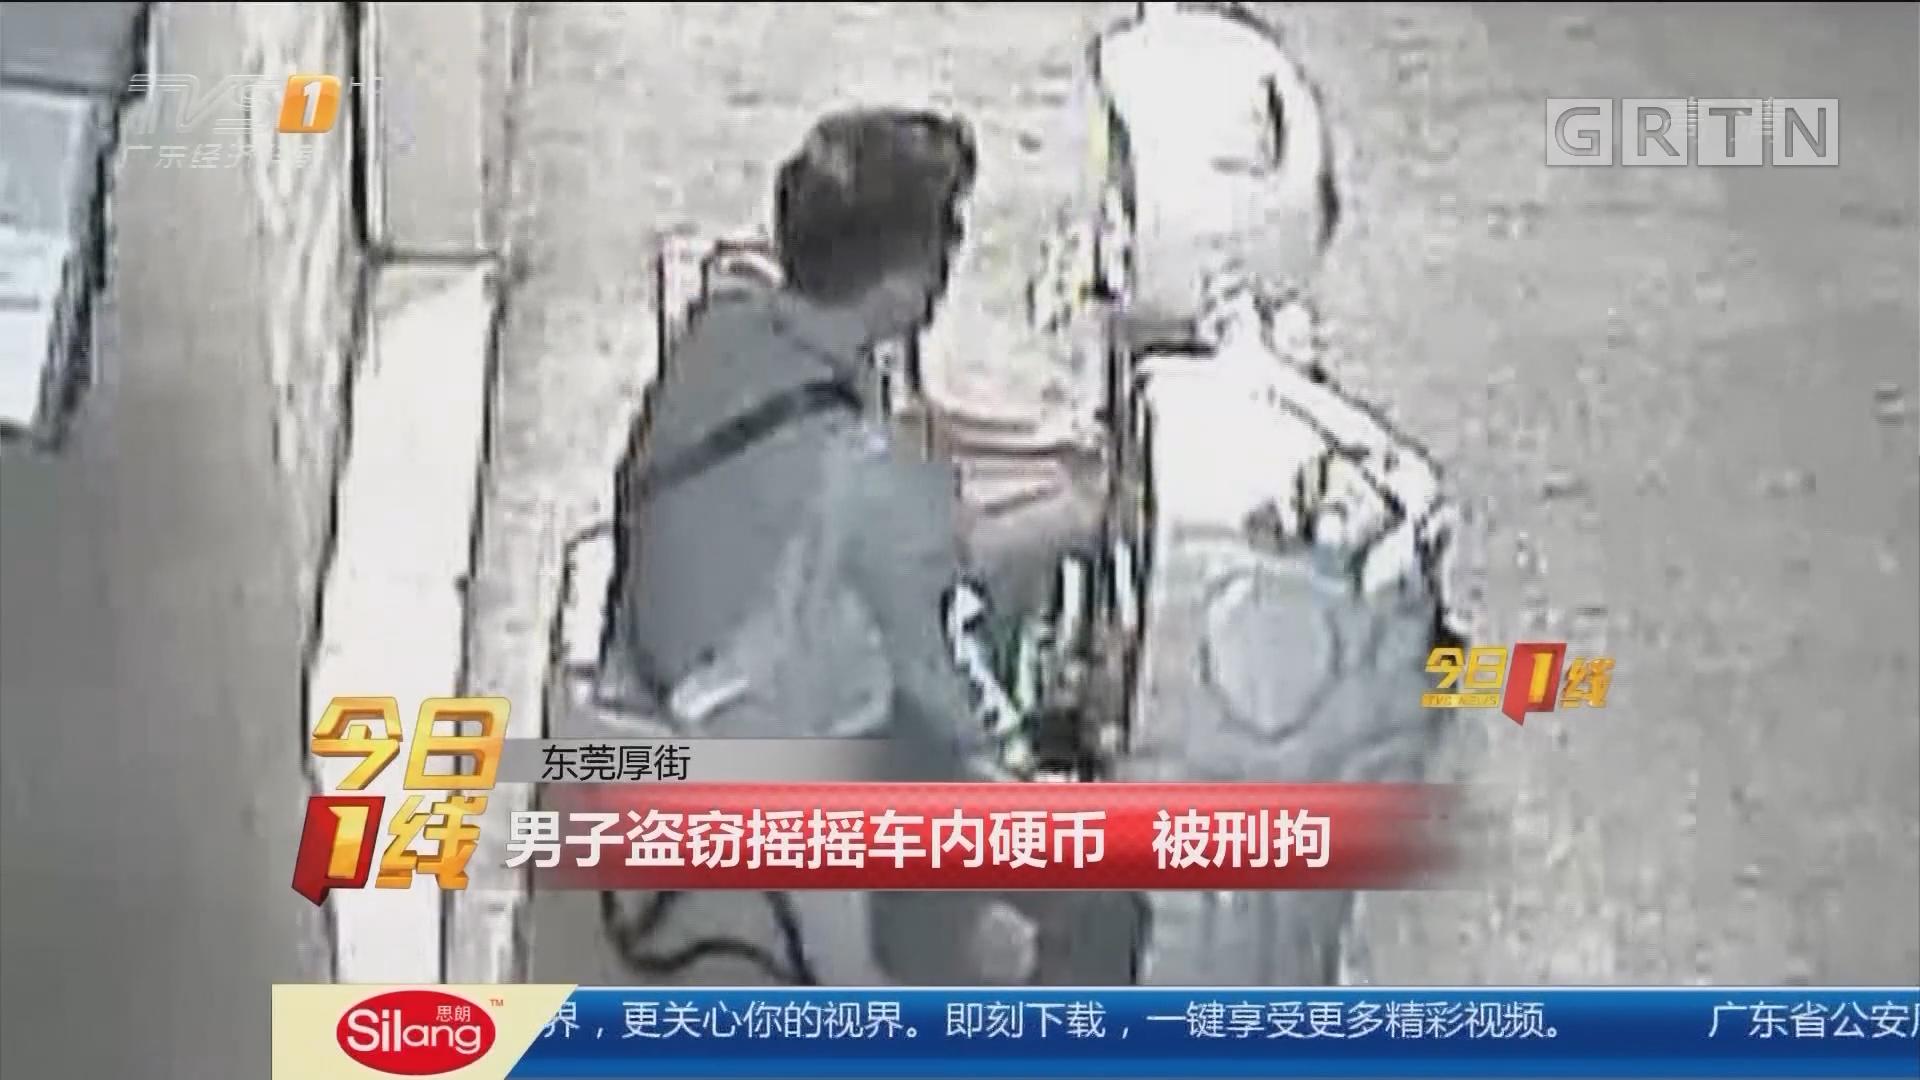 东莞厚街:男子盗窃摇摇车内硬币 被刑拘